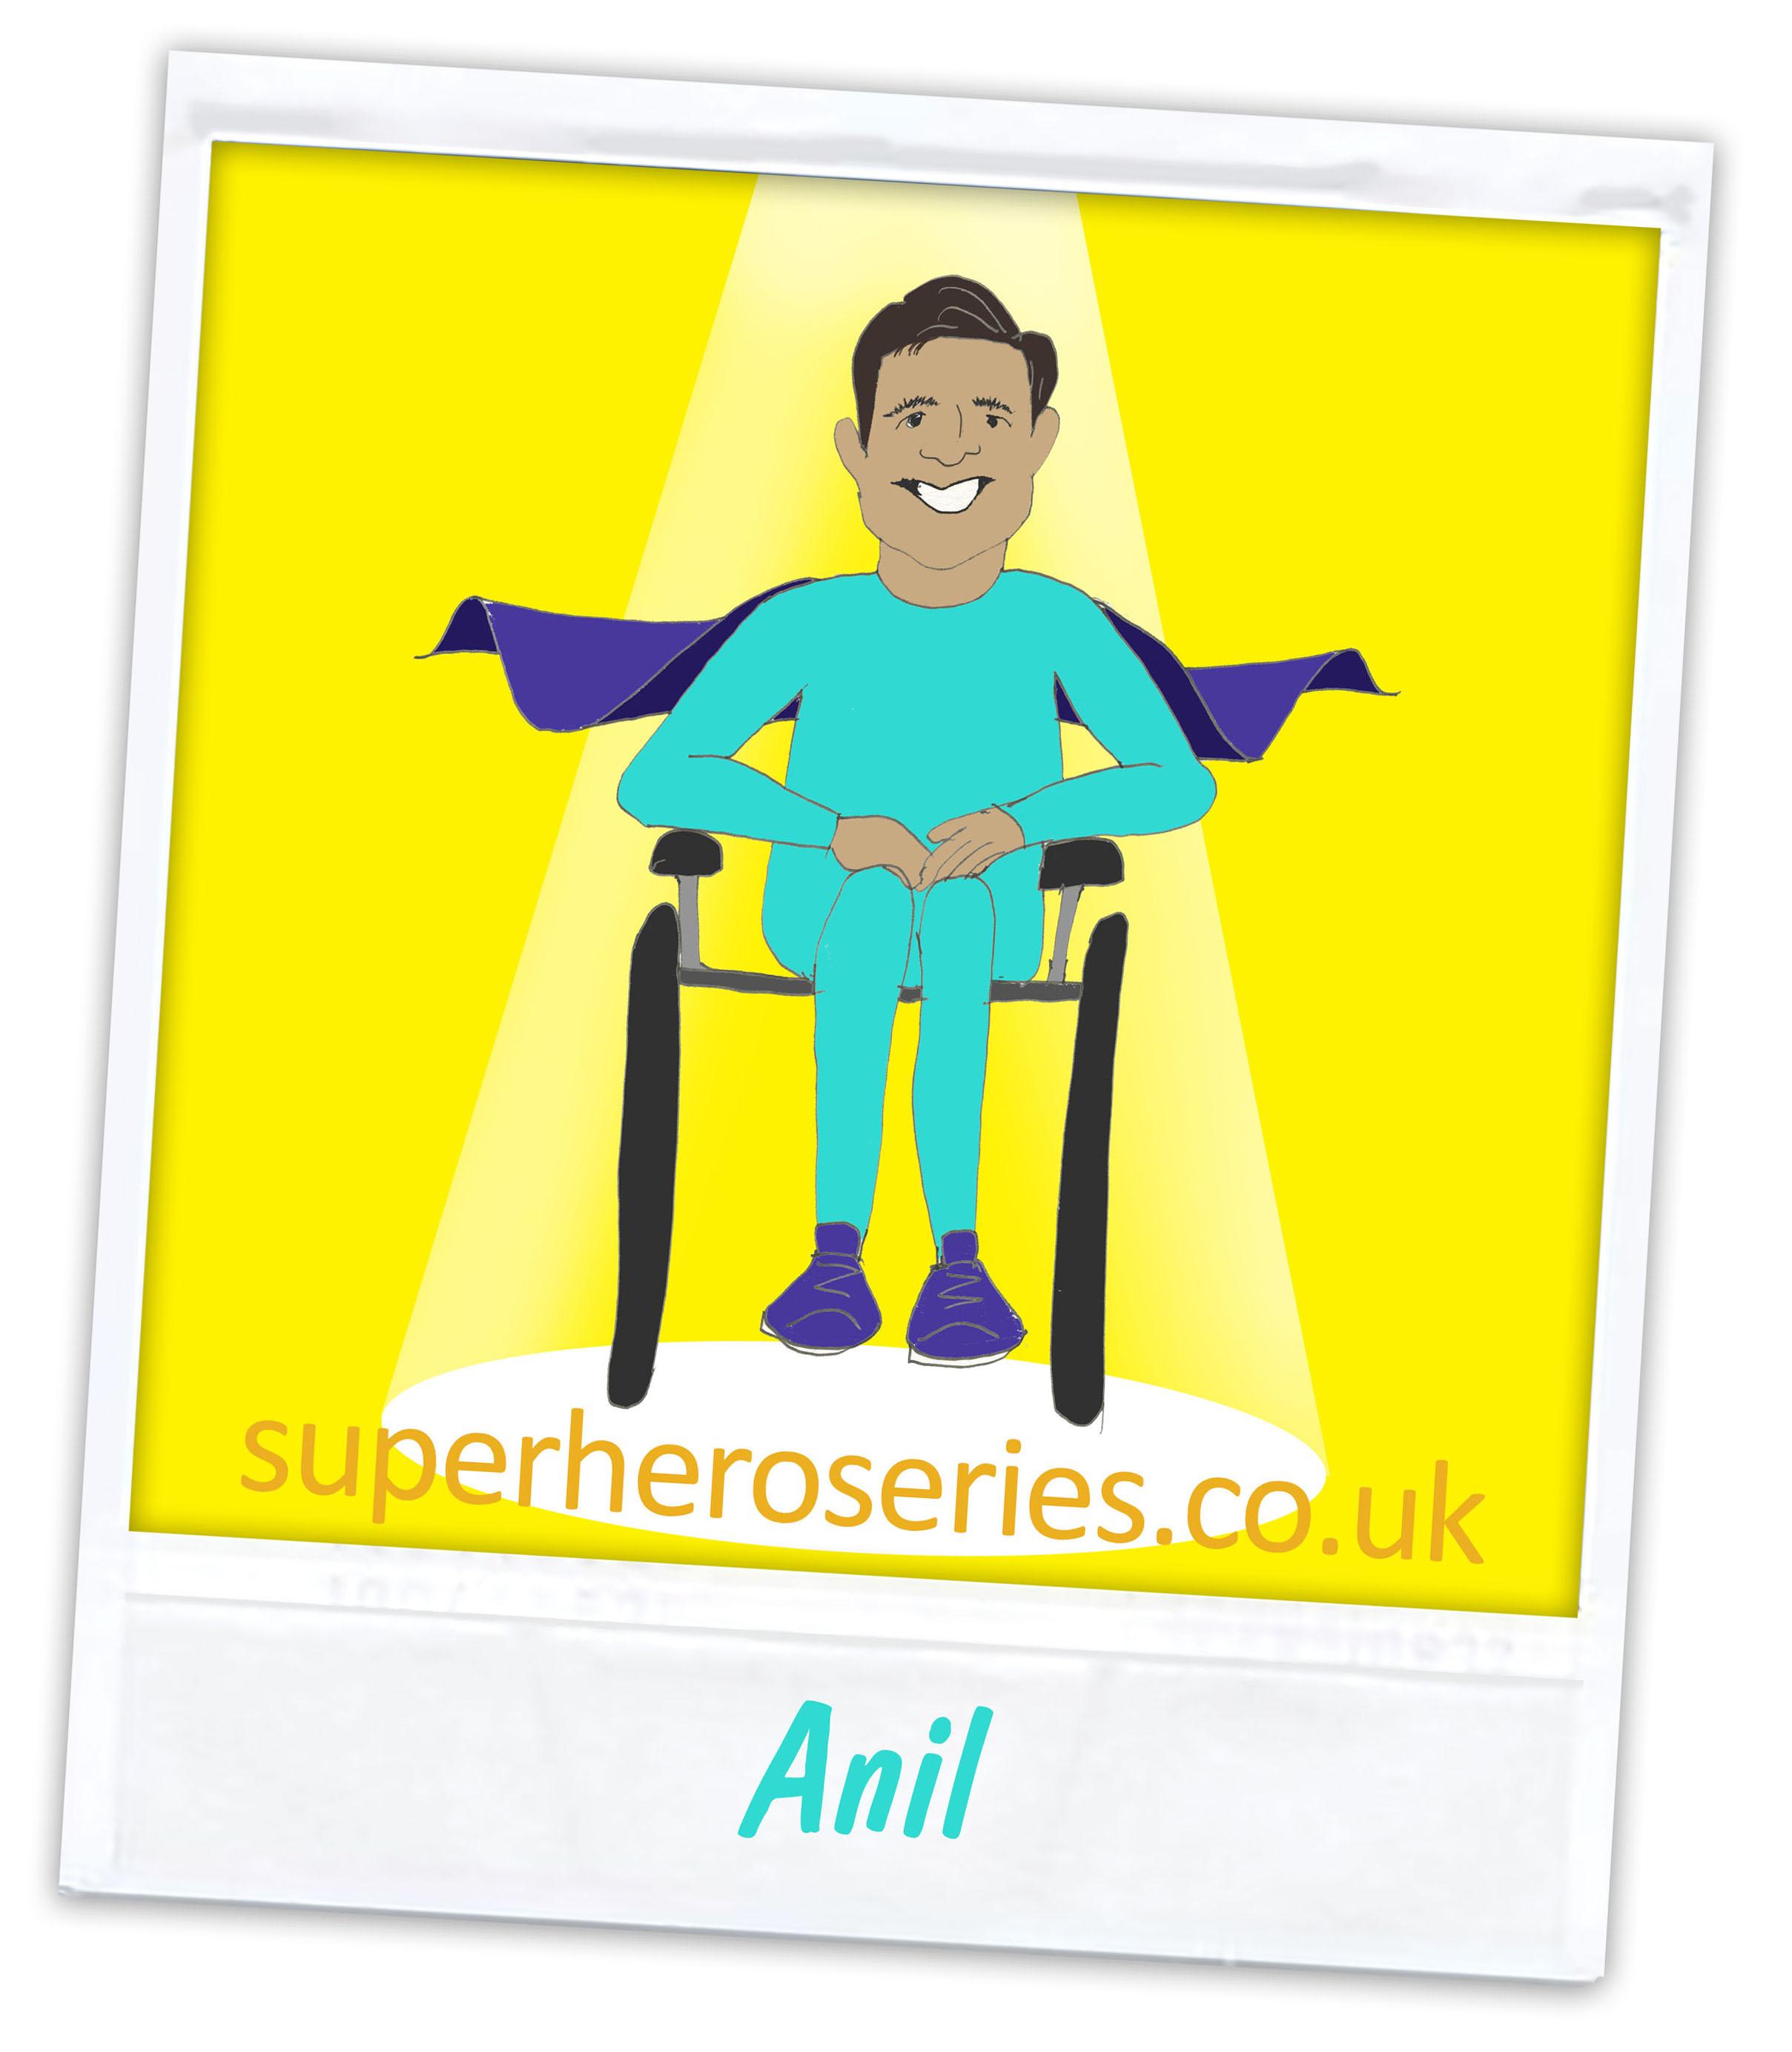 EDSH Anil a.jpg